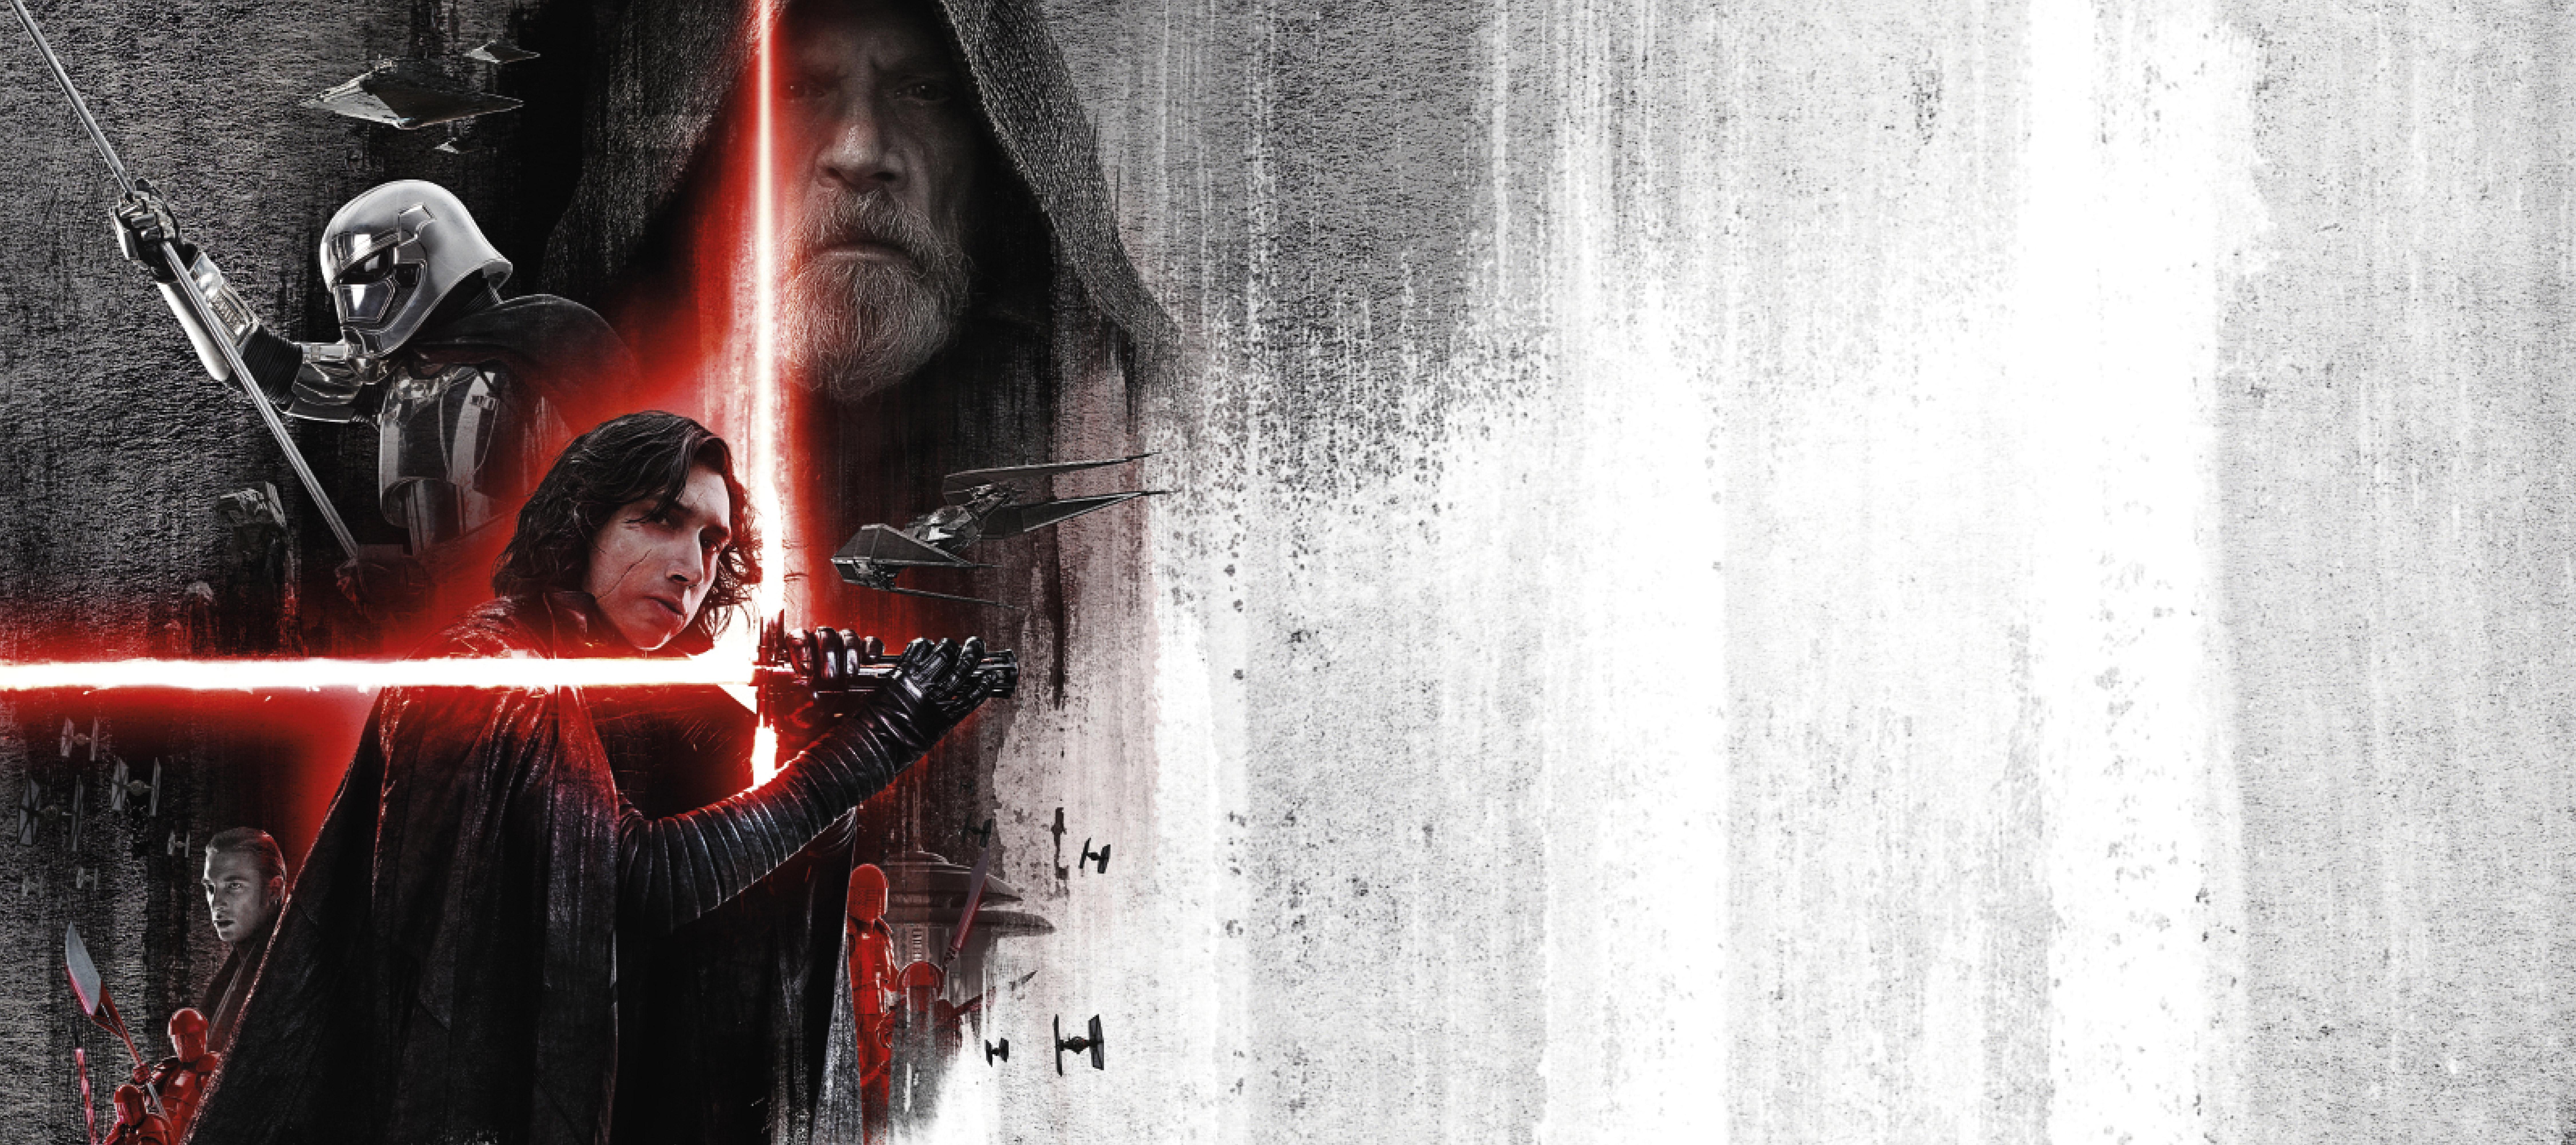 Star Wars The Last Jedi Desktop Wallpaper: Star Wars The Last Jedi 2017 10k, HD Movies, 4k Wallpapers